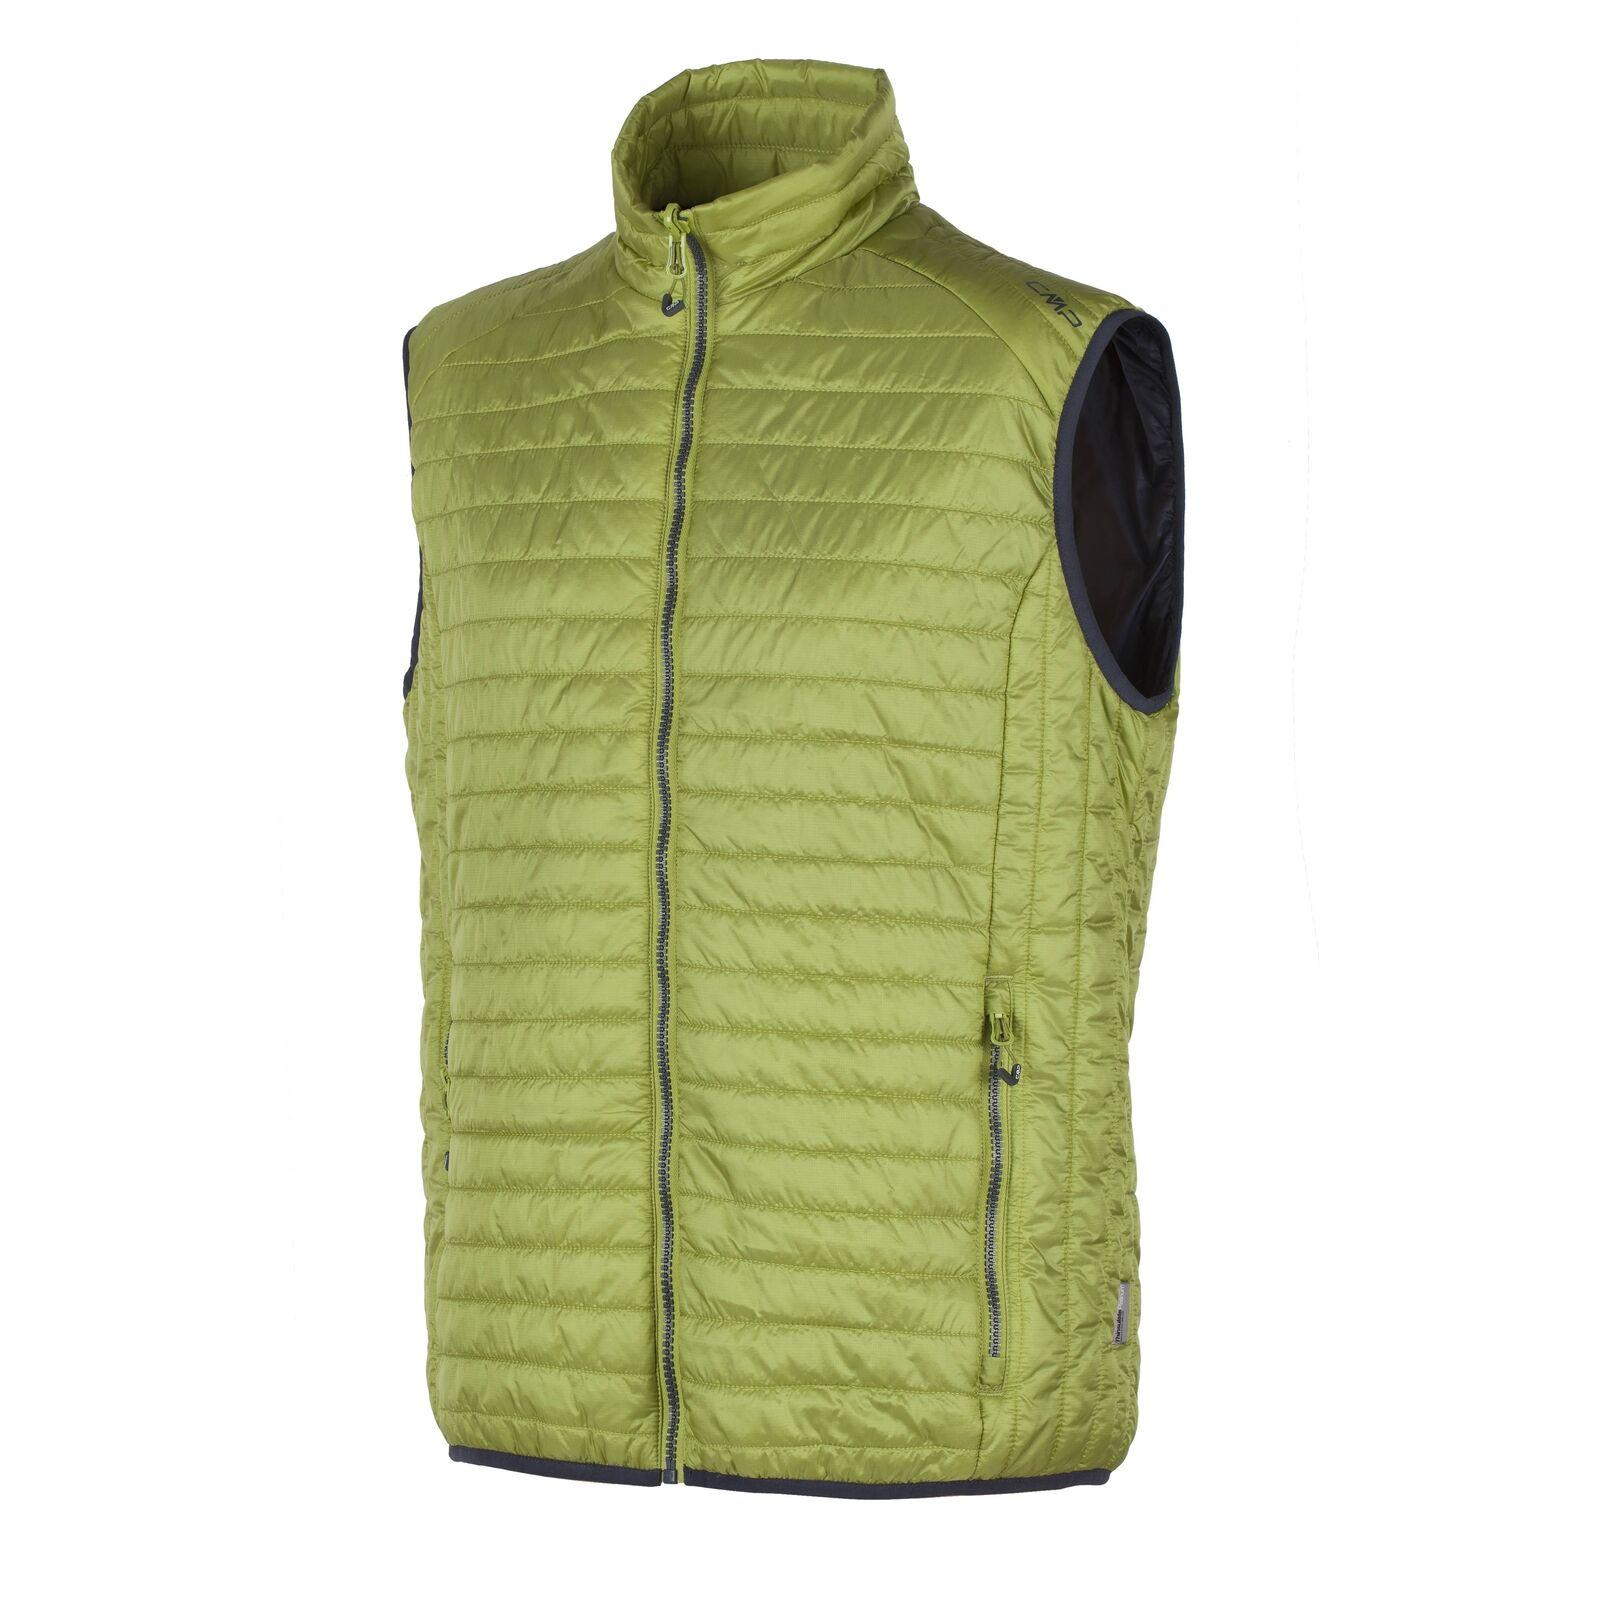 Función CMP chaleco bodywarmer verde claro primaloft ® thinsulate ™ caliente